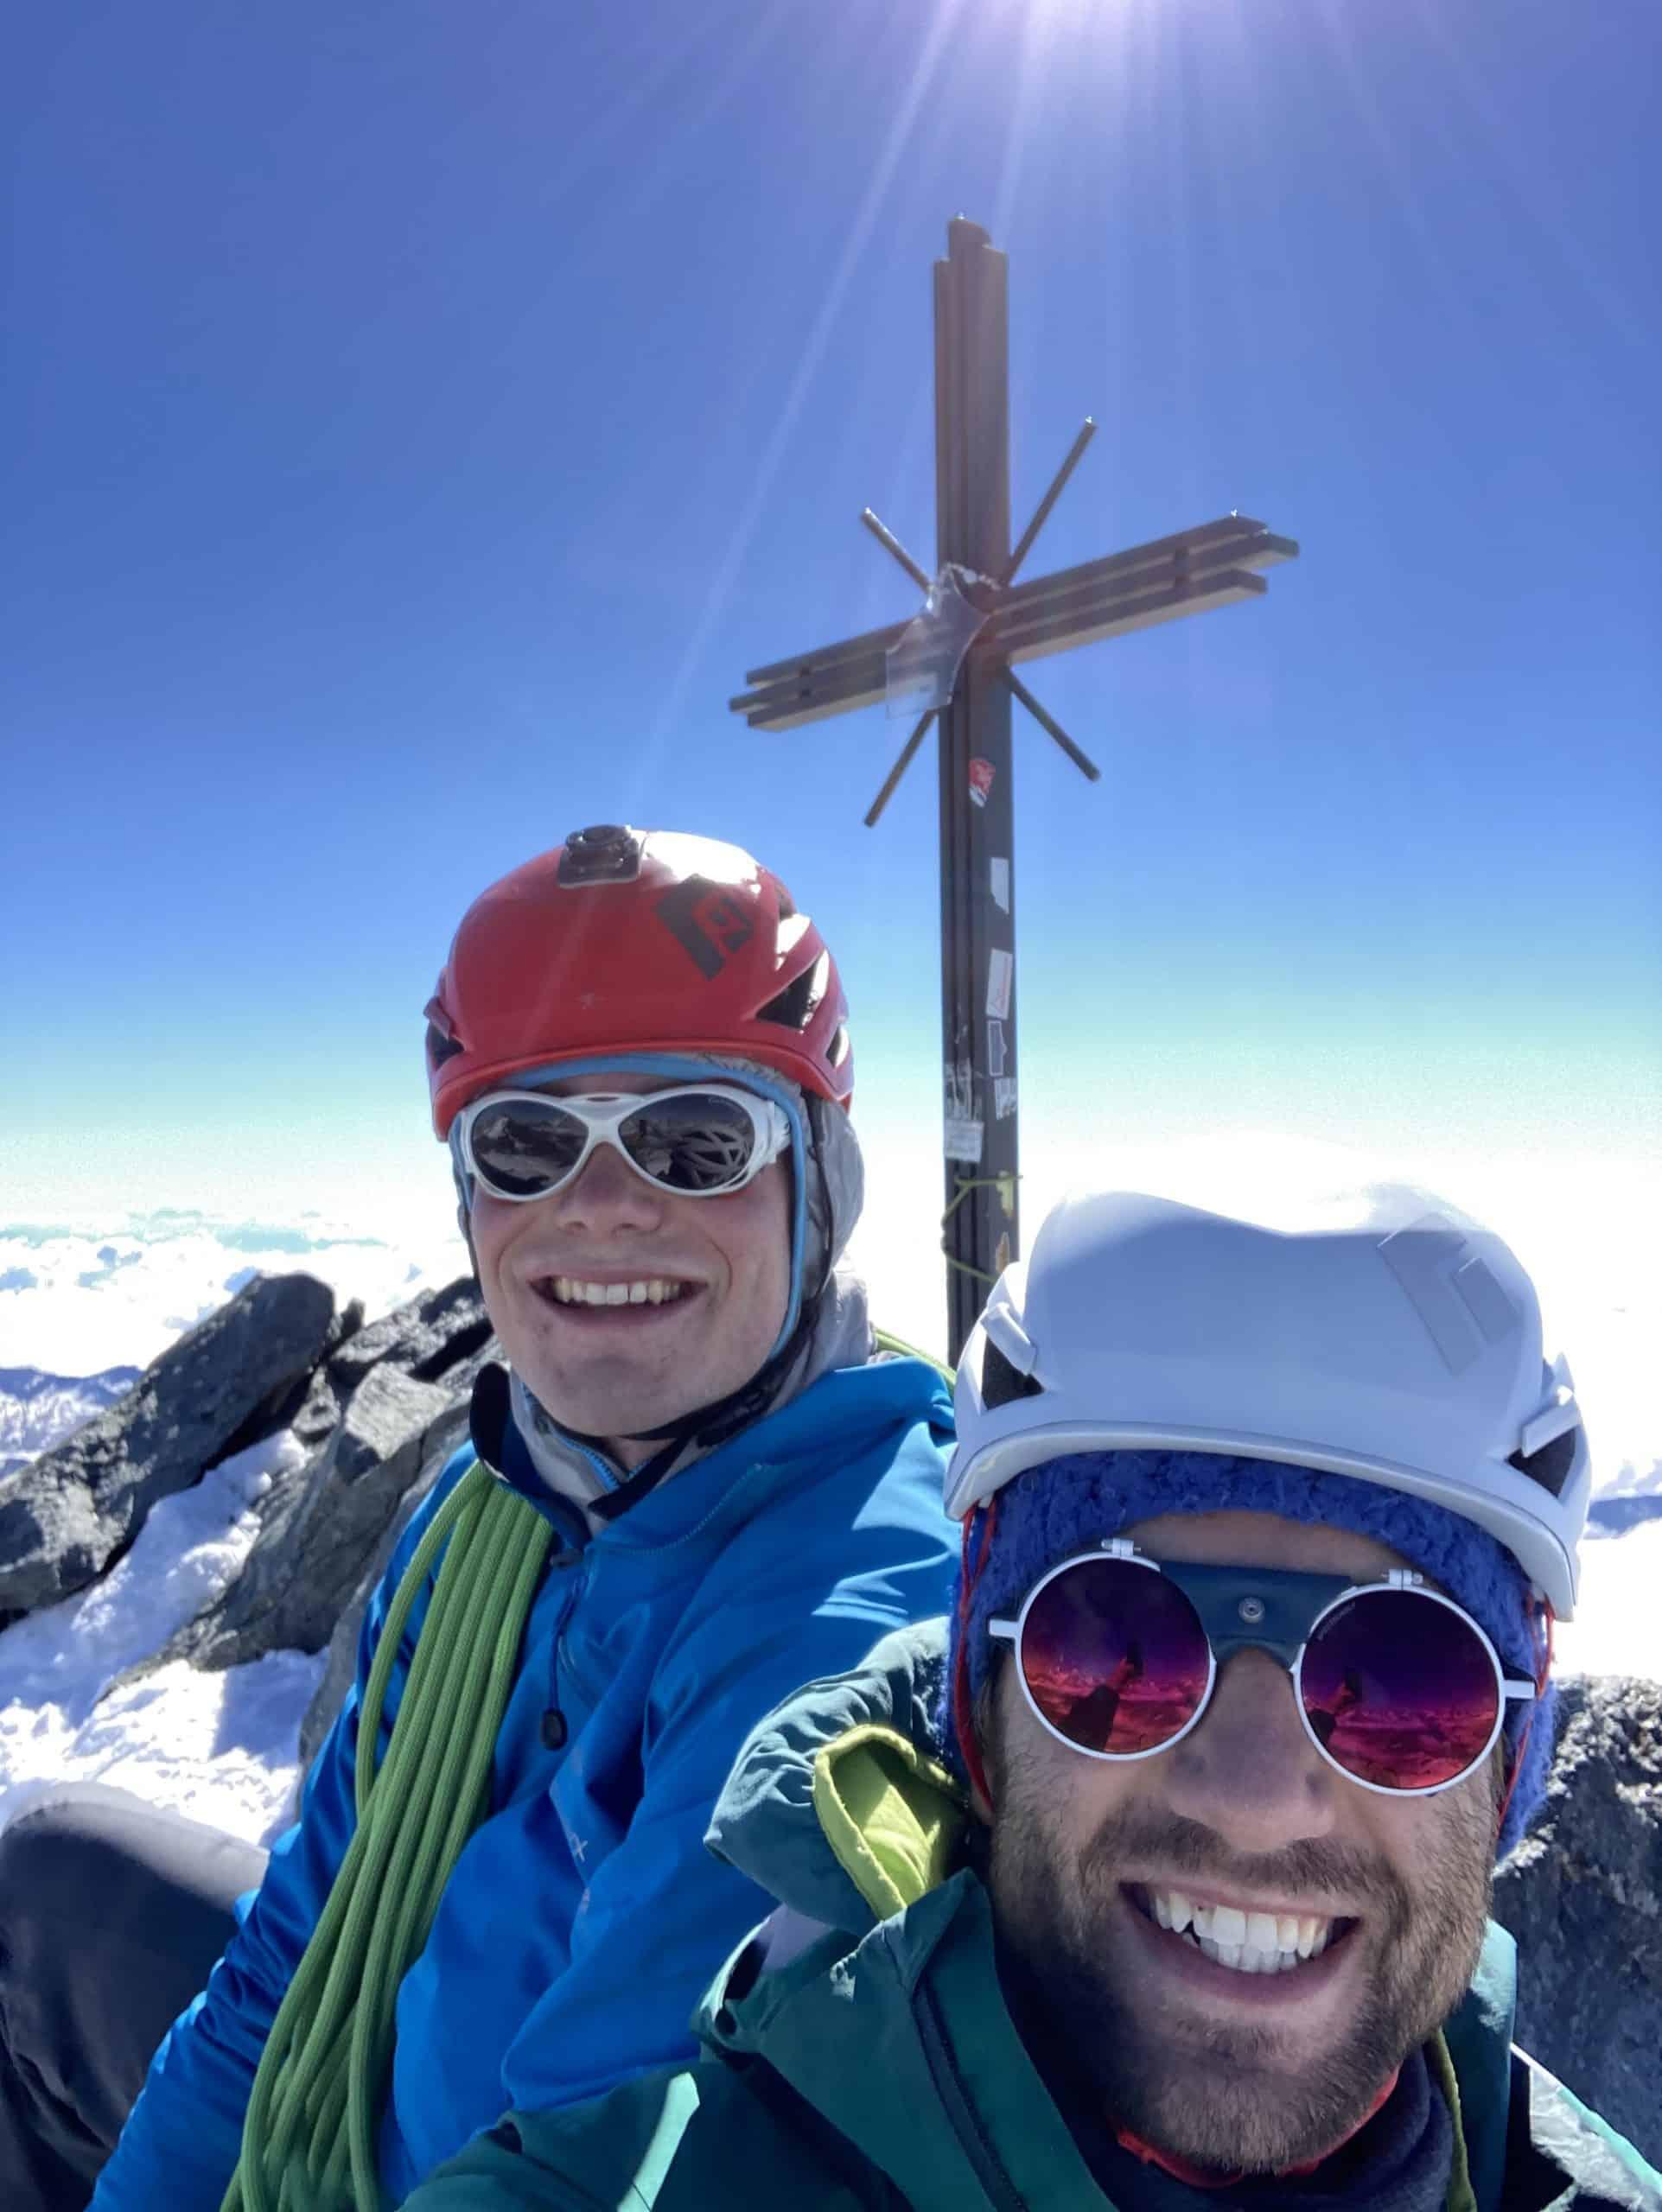 IMG 5842 scaled - Rimpfischhorn - viele Wege zum Ziel?!